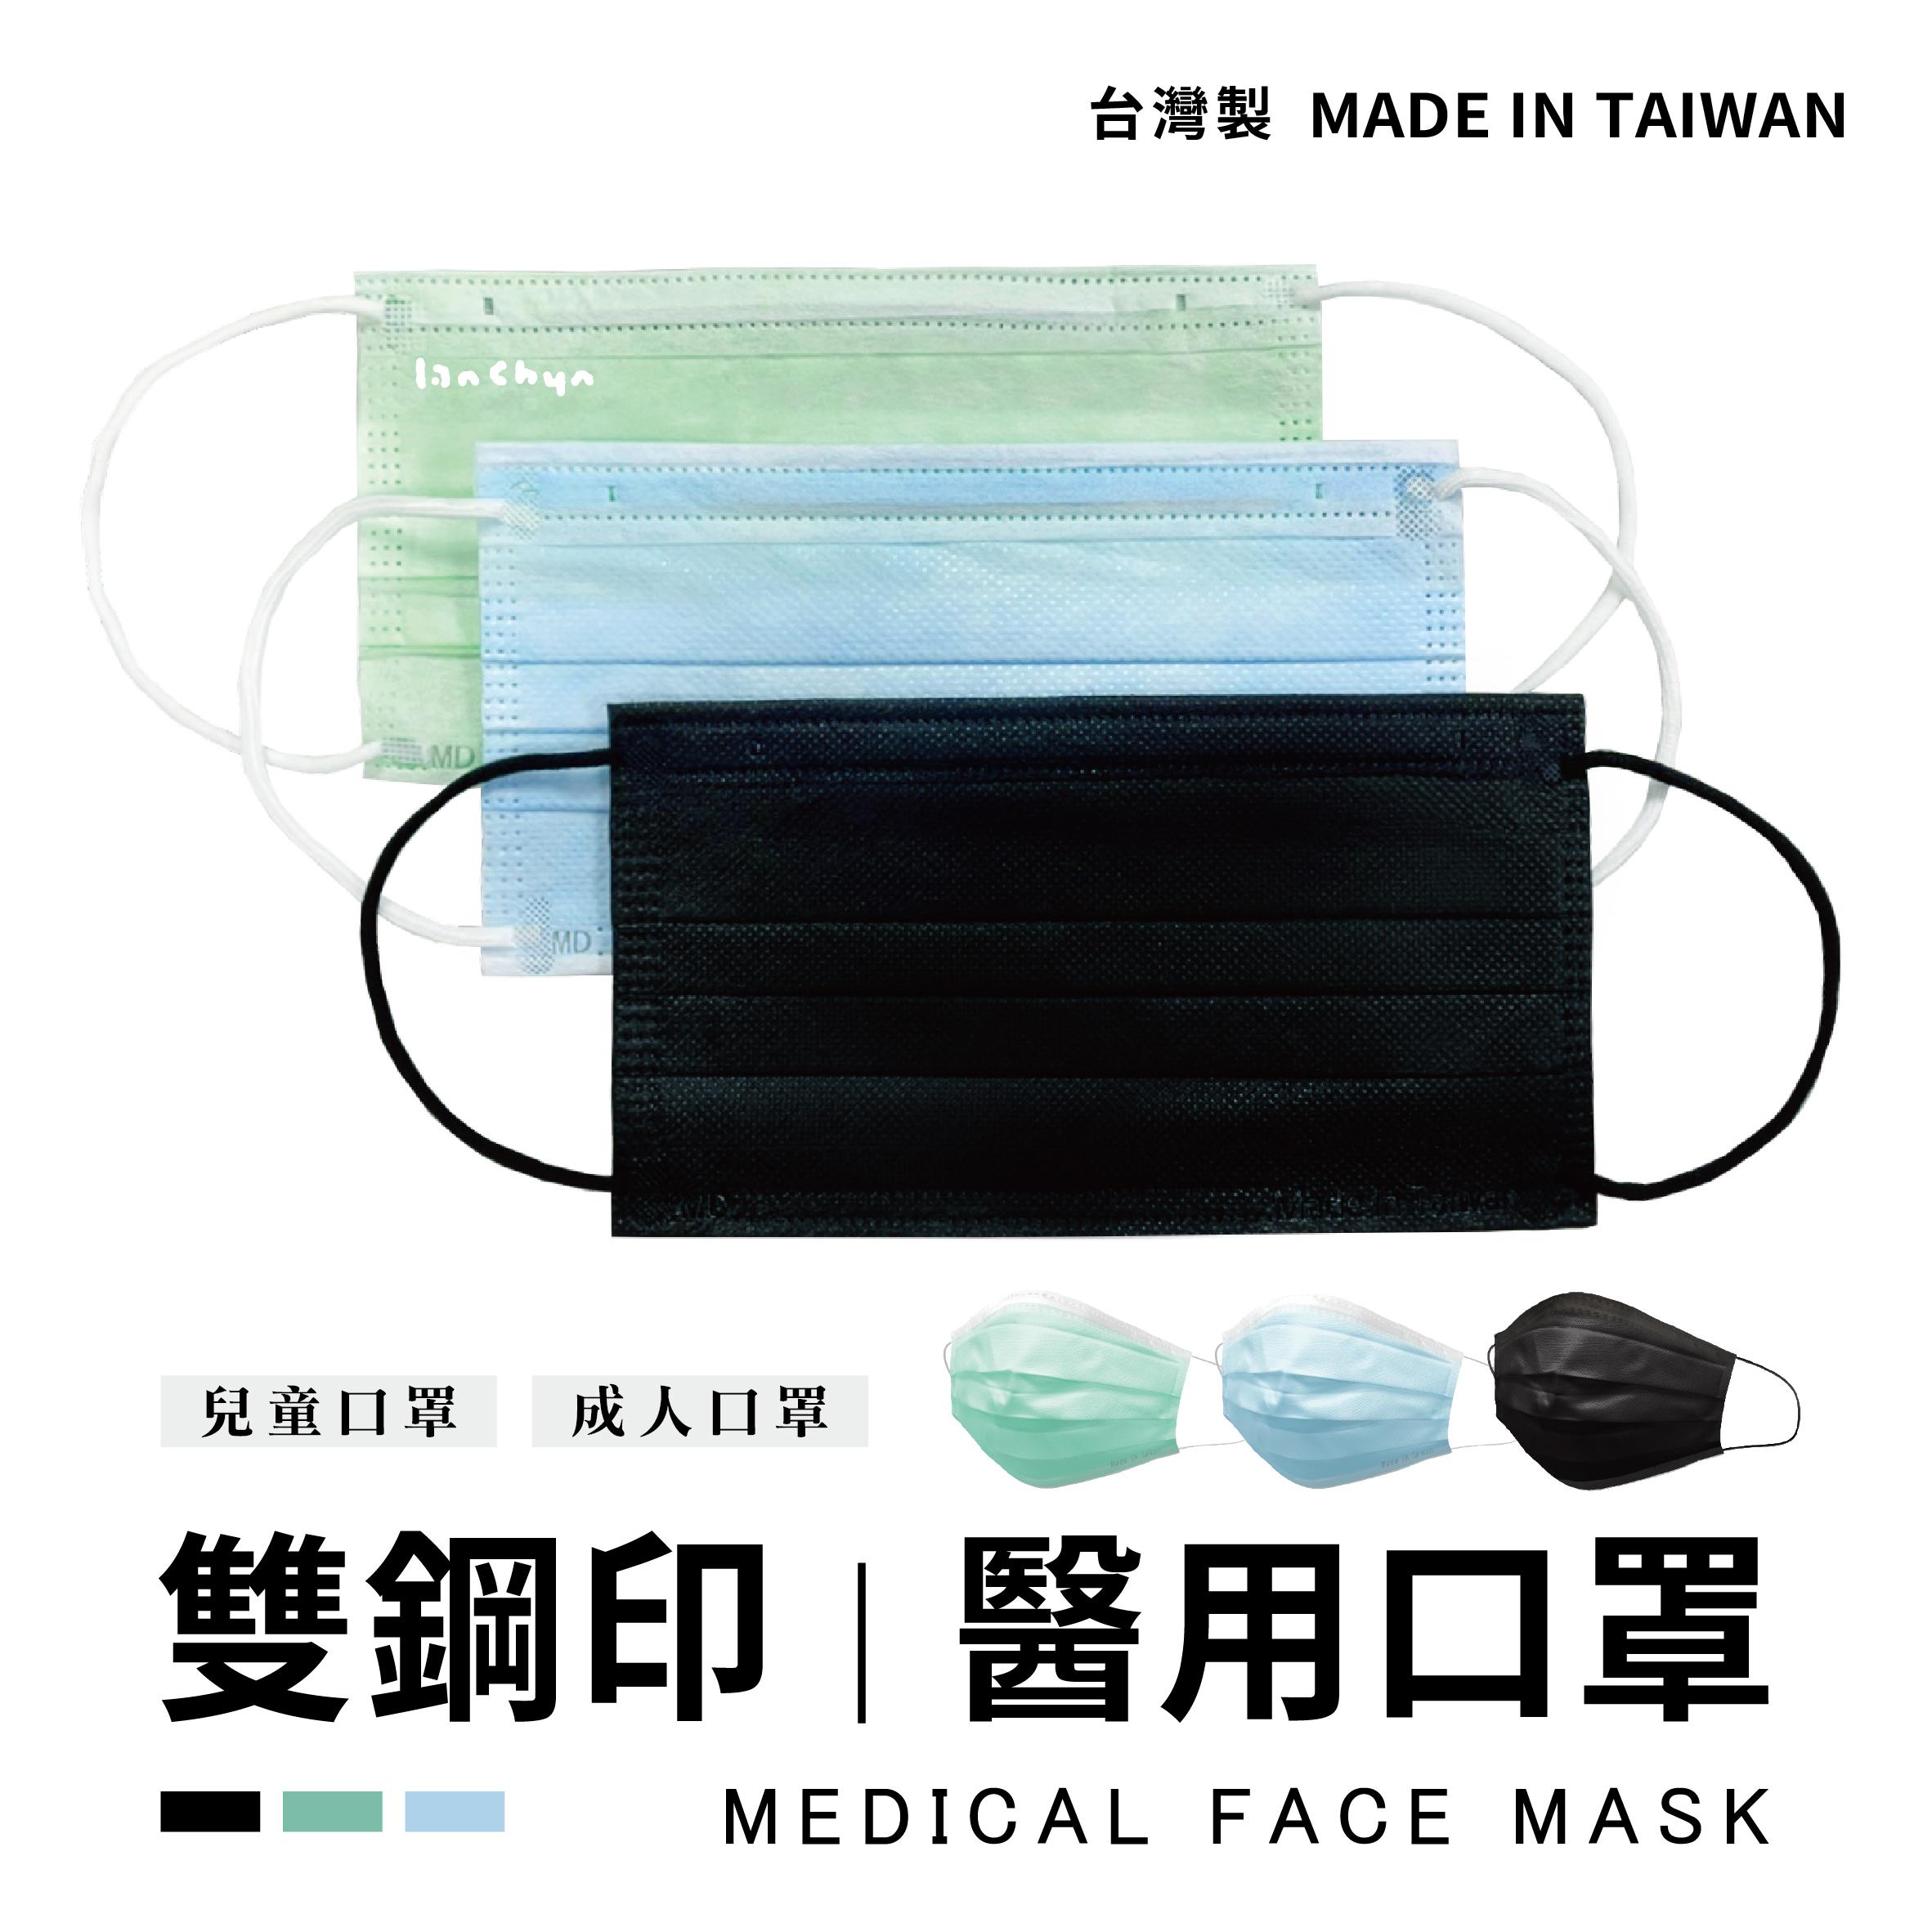 連勤 LANCHYN 雙鋼印醫用口罩(50入)/MASK